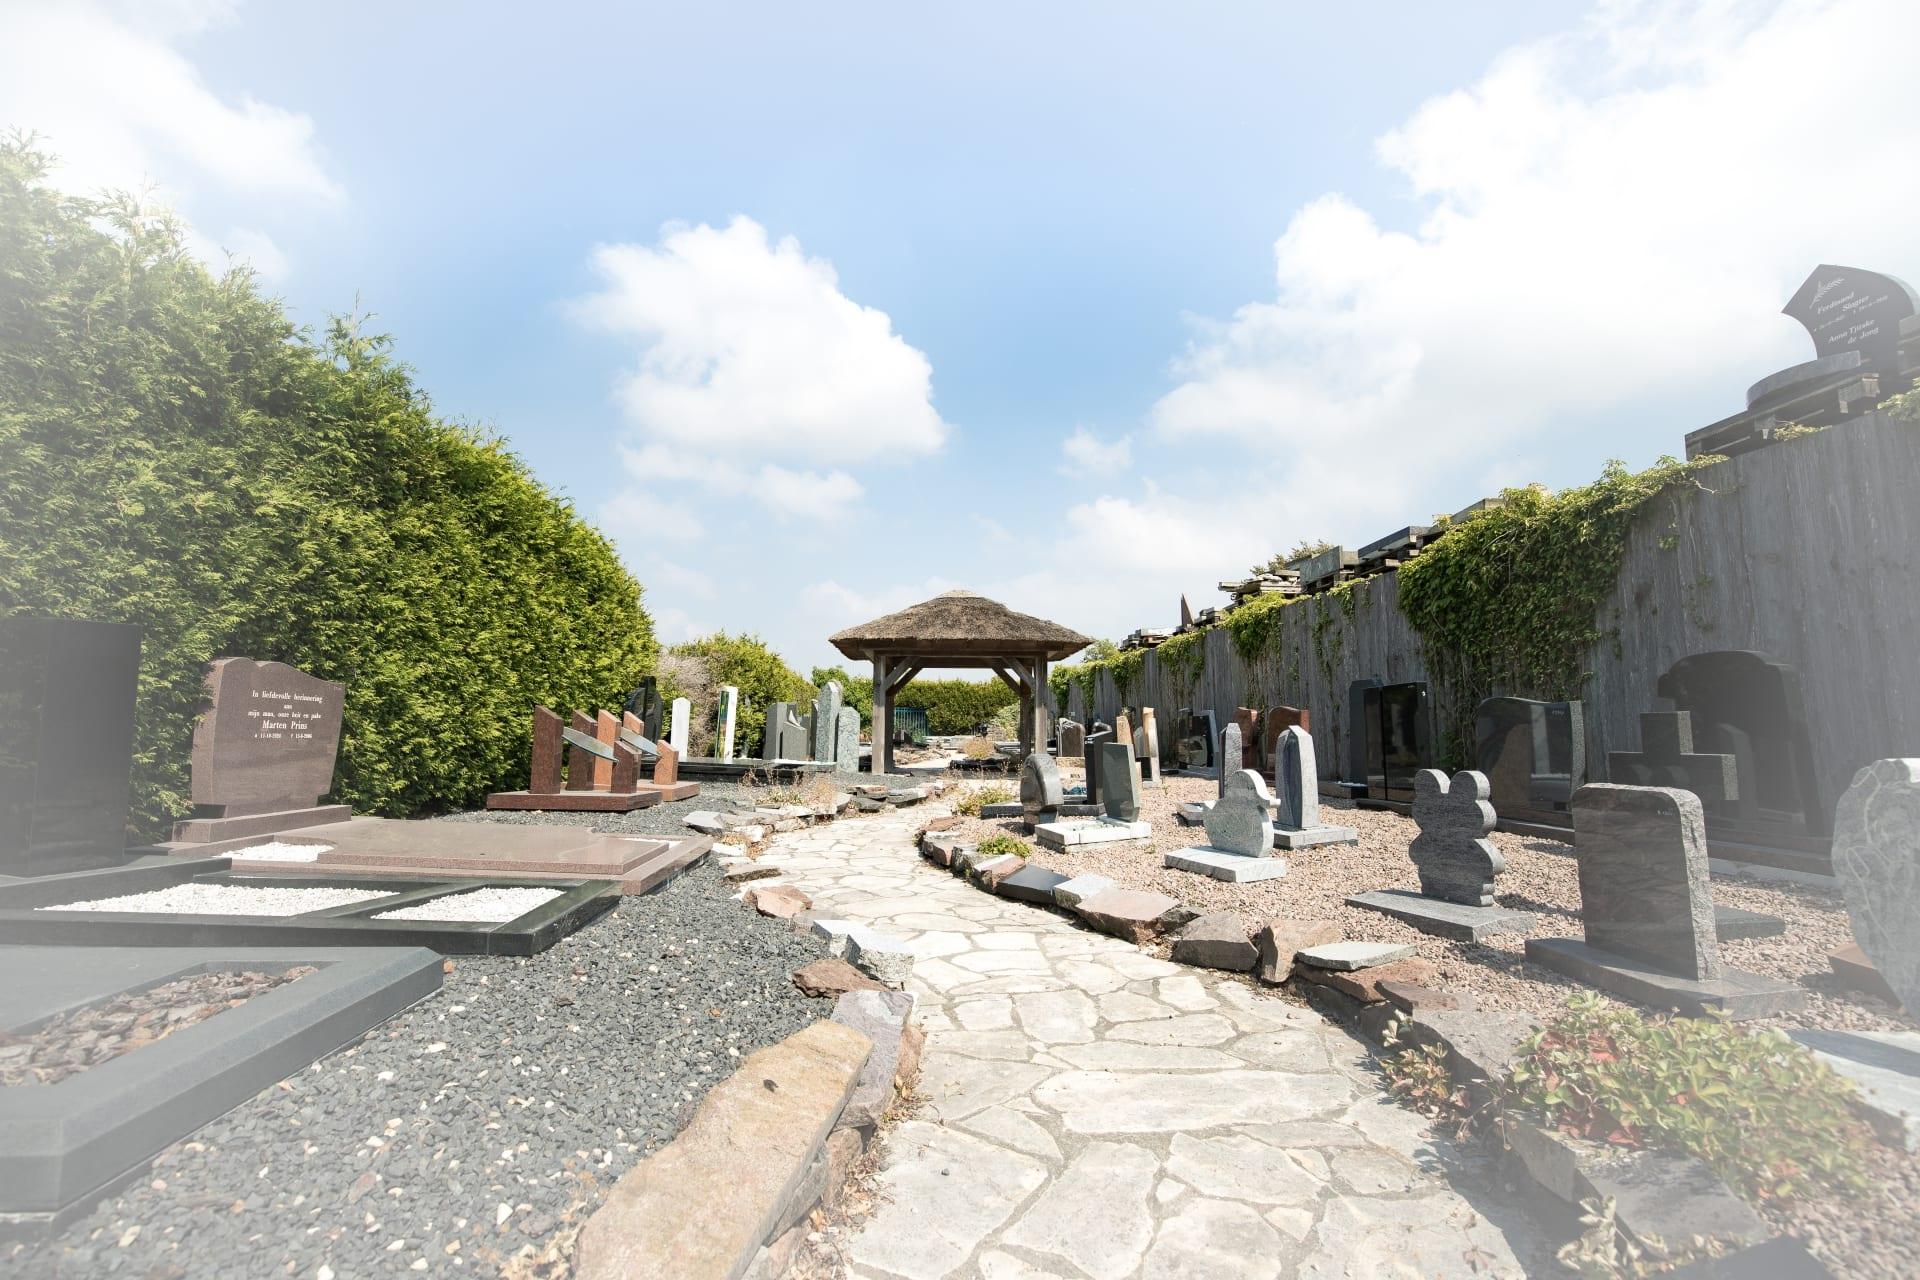 Kindergrafstenen en budgetmodellen in de monumententuin van Hutting Natuursteen